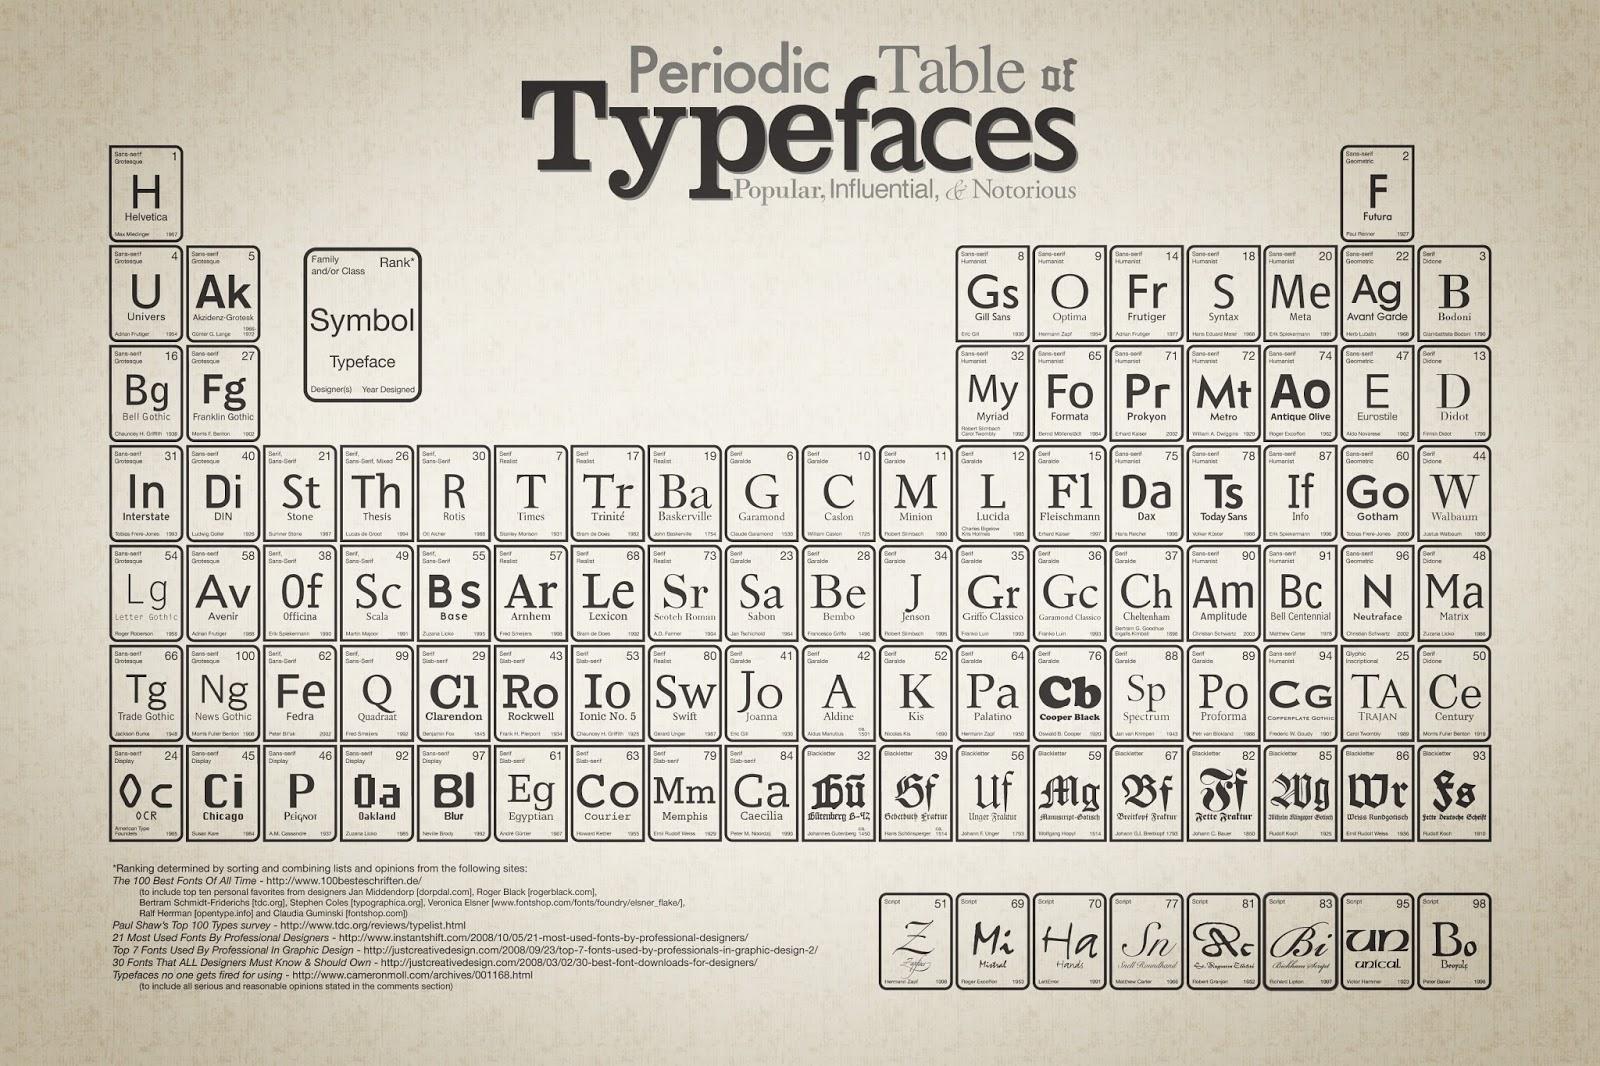 Tavola periodica delle font giovanni re tavola periodica delle font urtaz Images